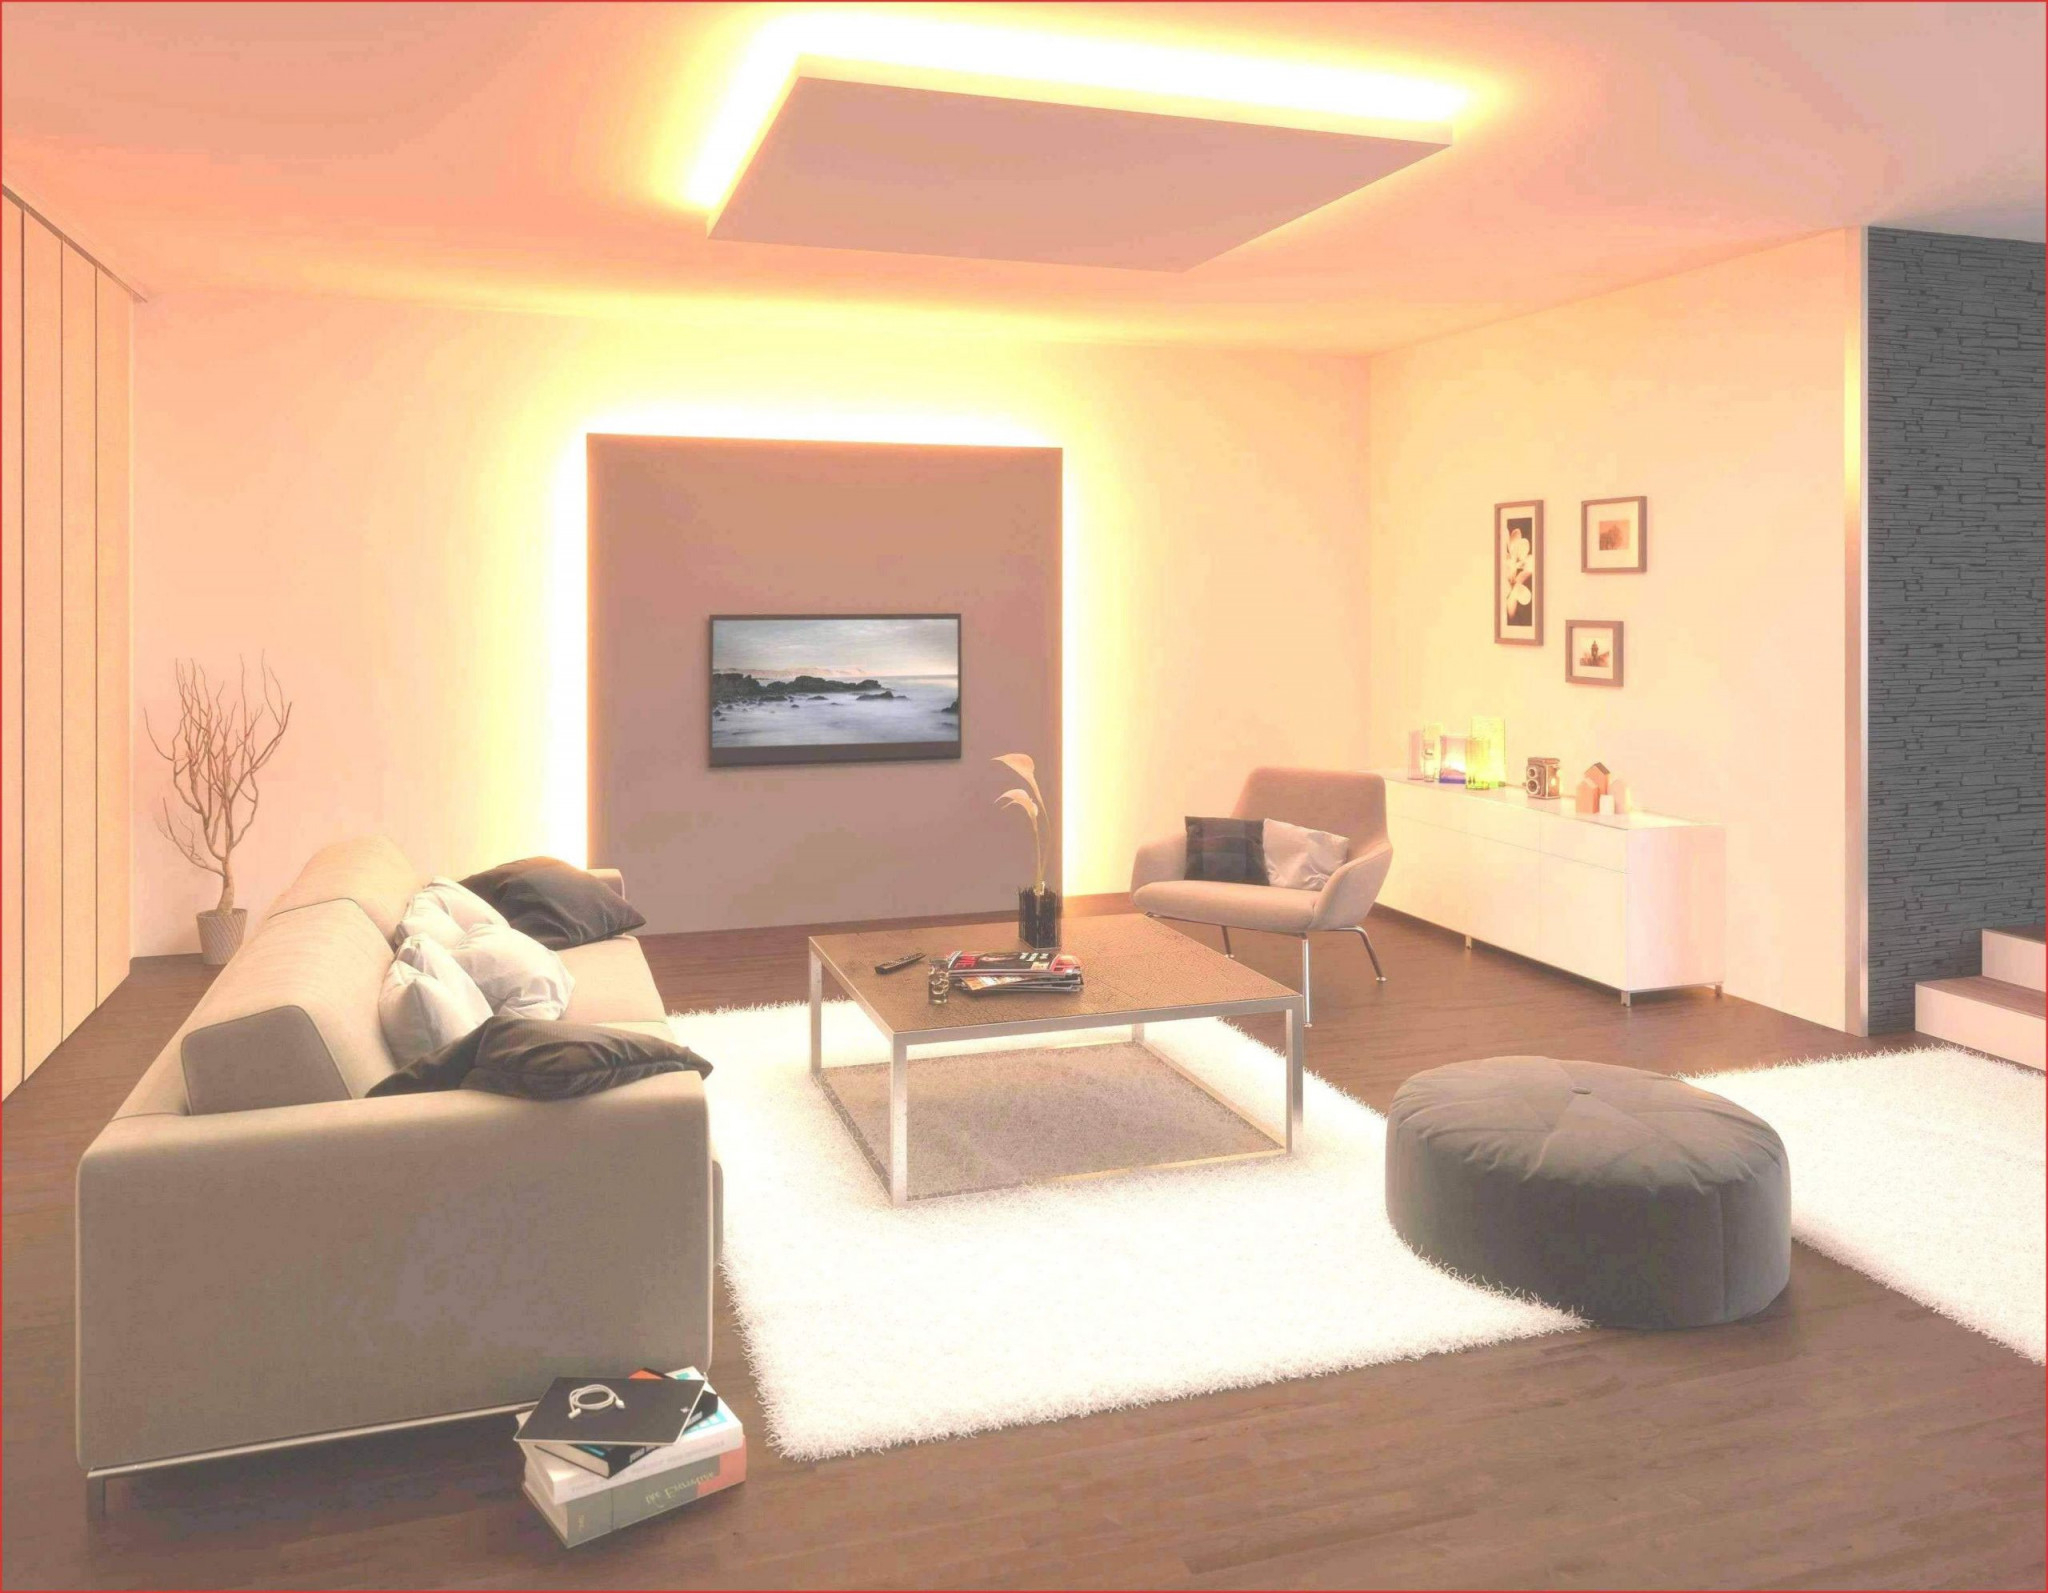 29 Frisch Led Deckenleuchte Wohnzimmer Neu  Wohnzimmer Frisch von Deckenlampe Für Großes Wohnzimmer Photo